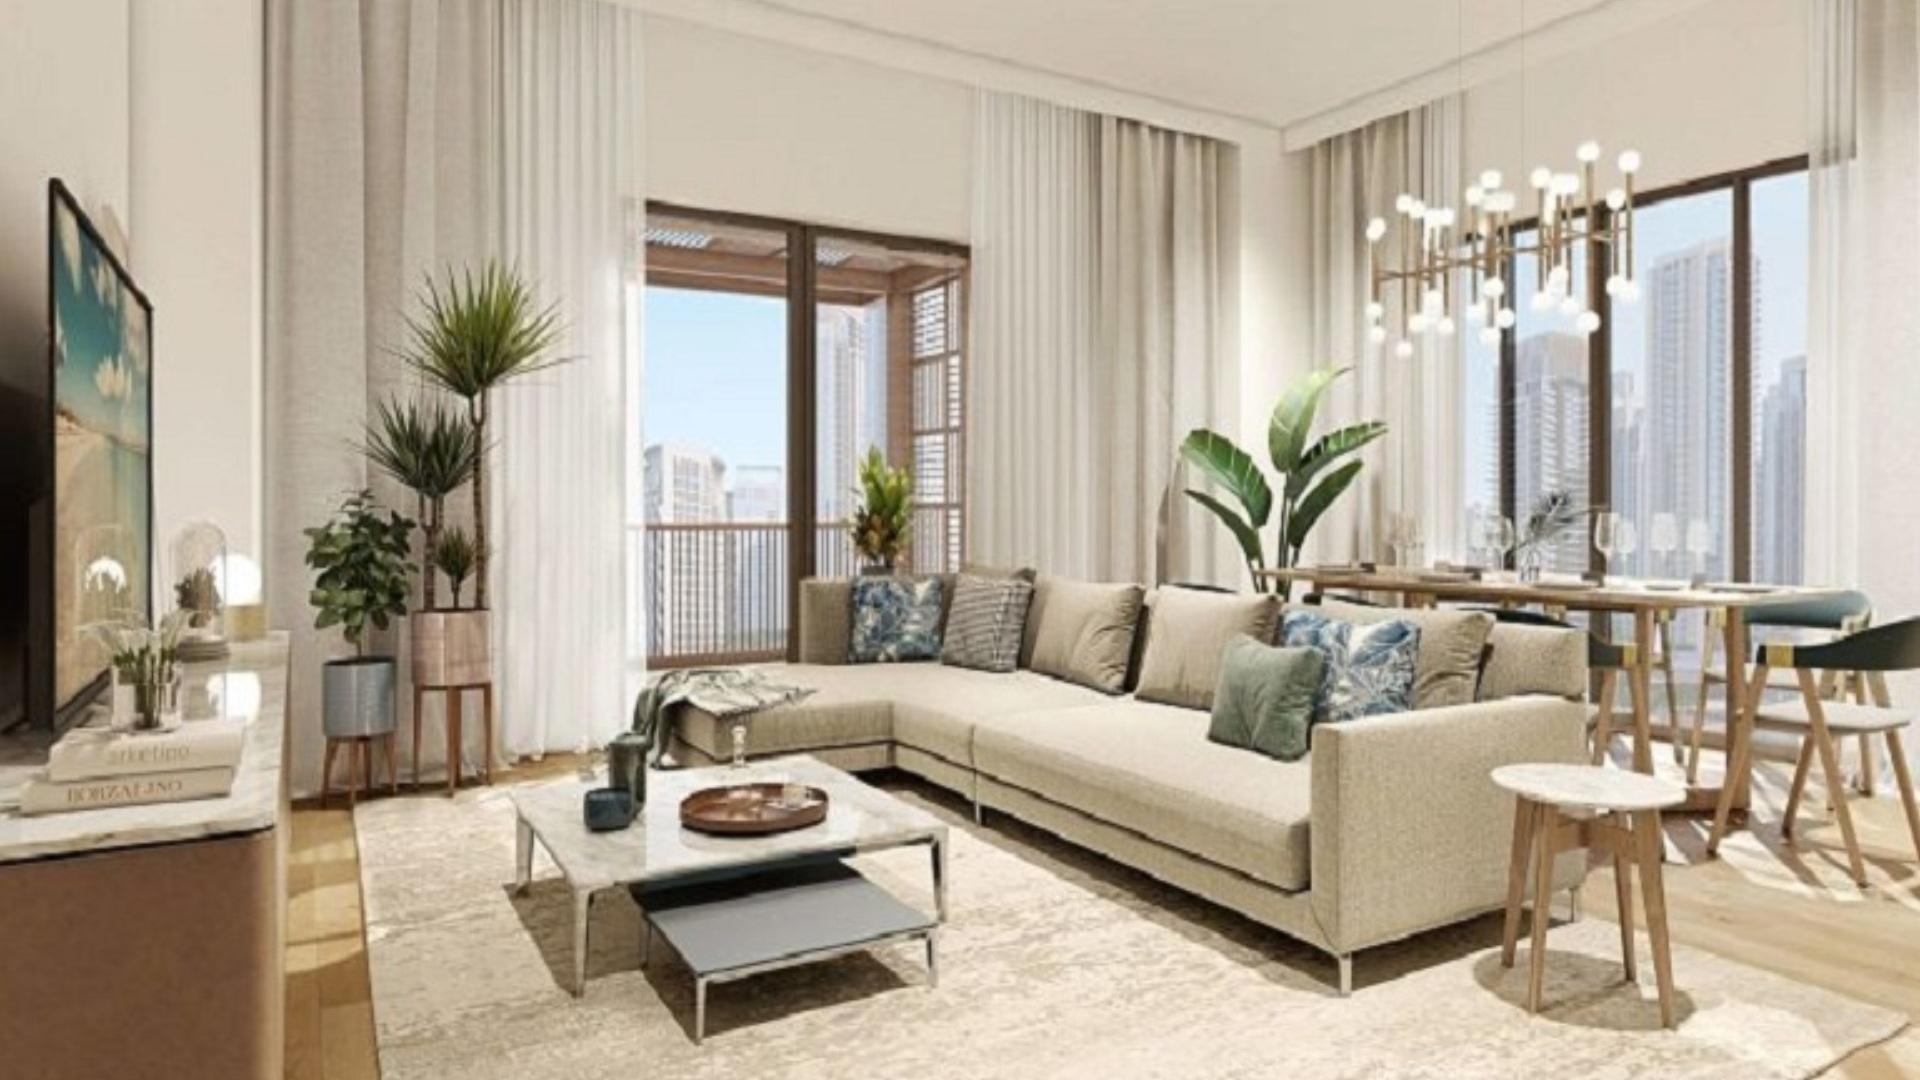 Apartamento en venta en Dubai, EAU, 3 dormitorios, 199 m2, № 24624 – foto 2